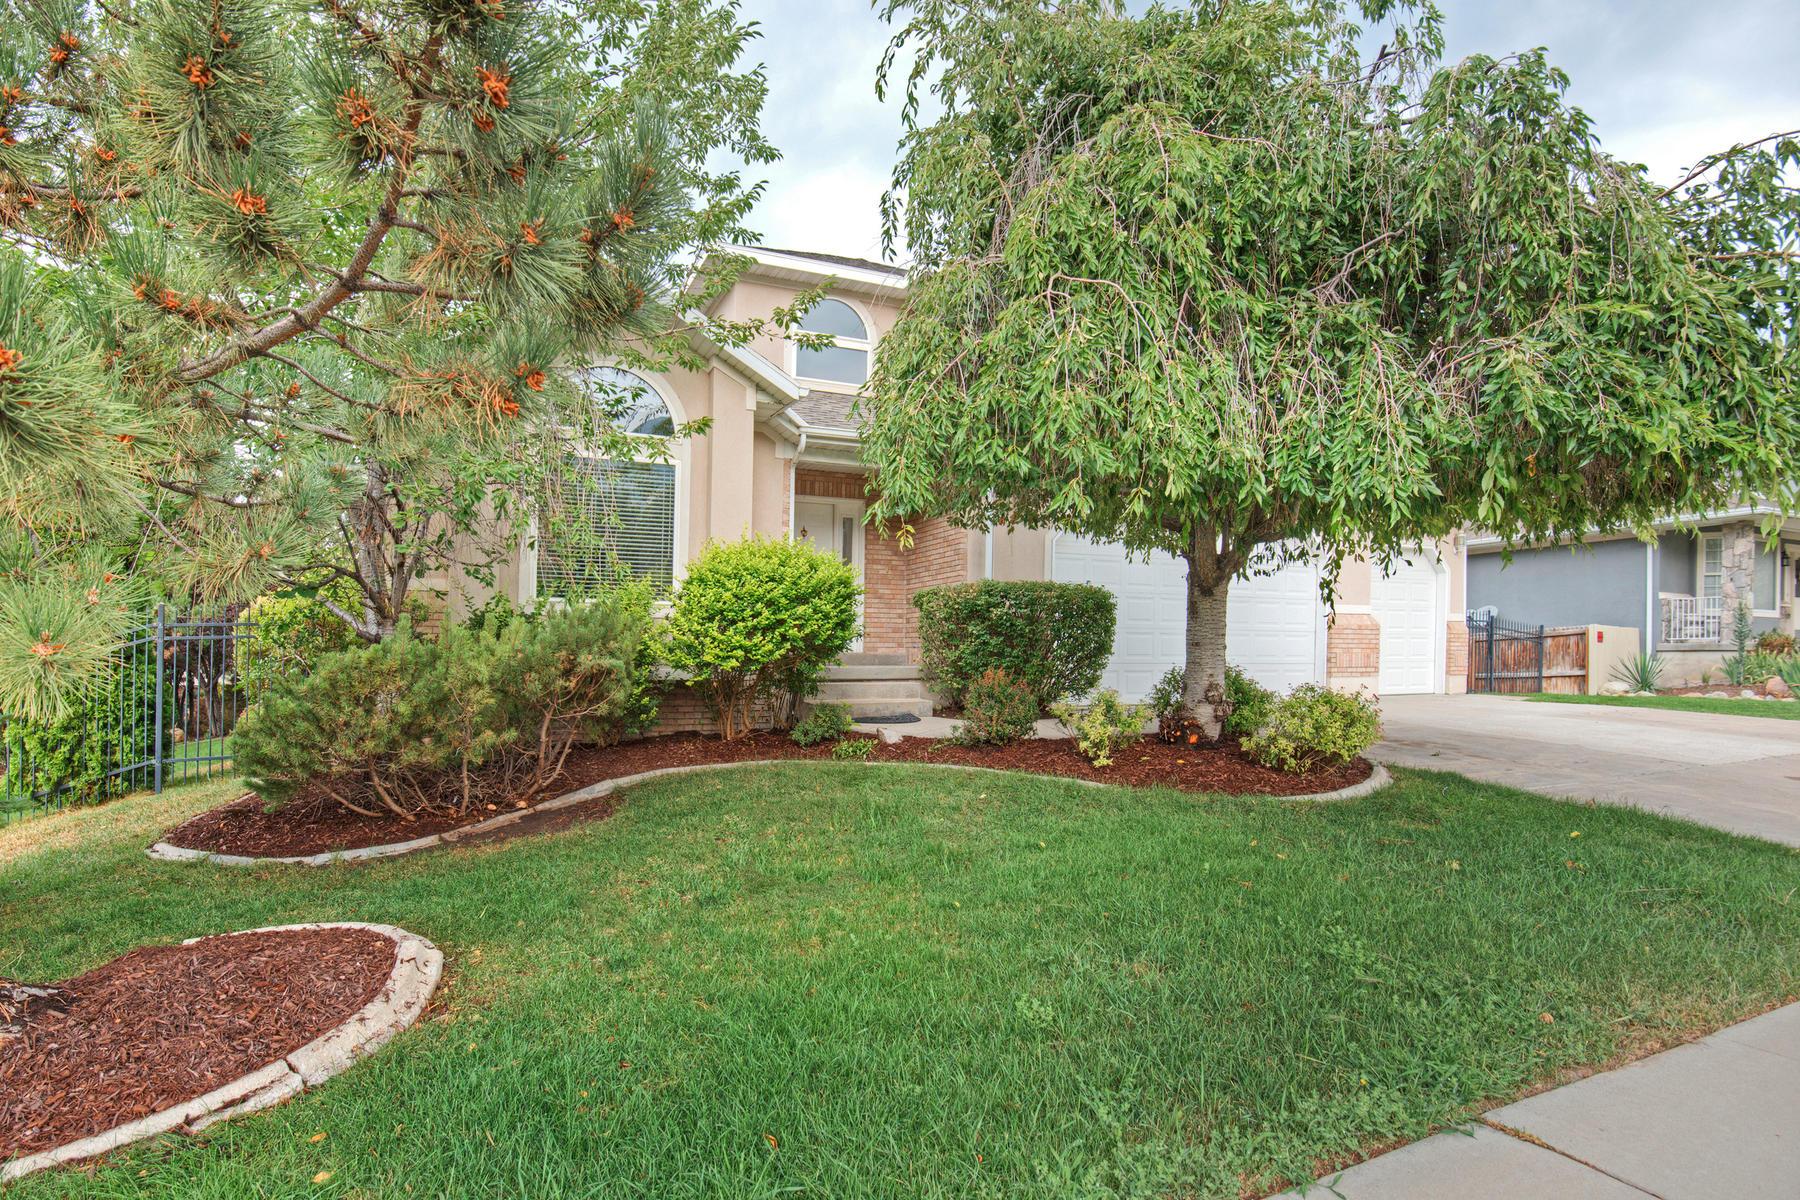 Частный односемейный дом для того Продажа на Gracious 5 Bedroom Home in Mill Hollow Estates 6718 S Aqua Vista Cove Cottonwood Heights, Юта, 84121 Соединенные Штаты